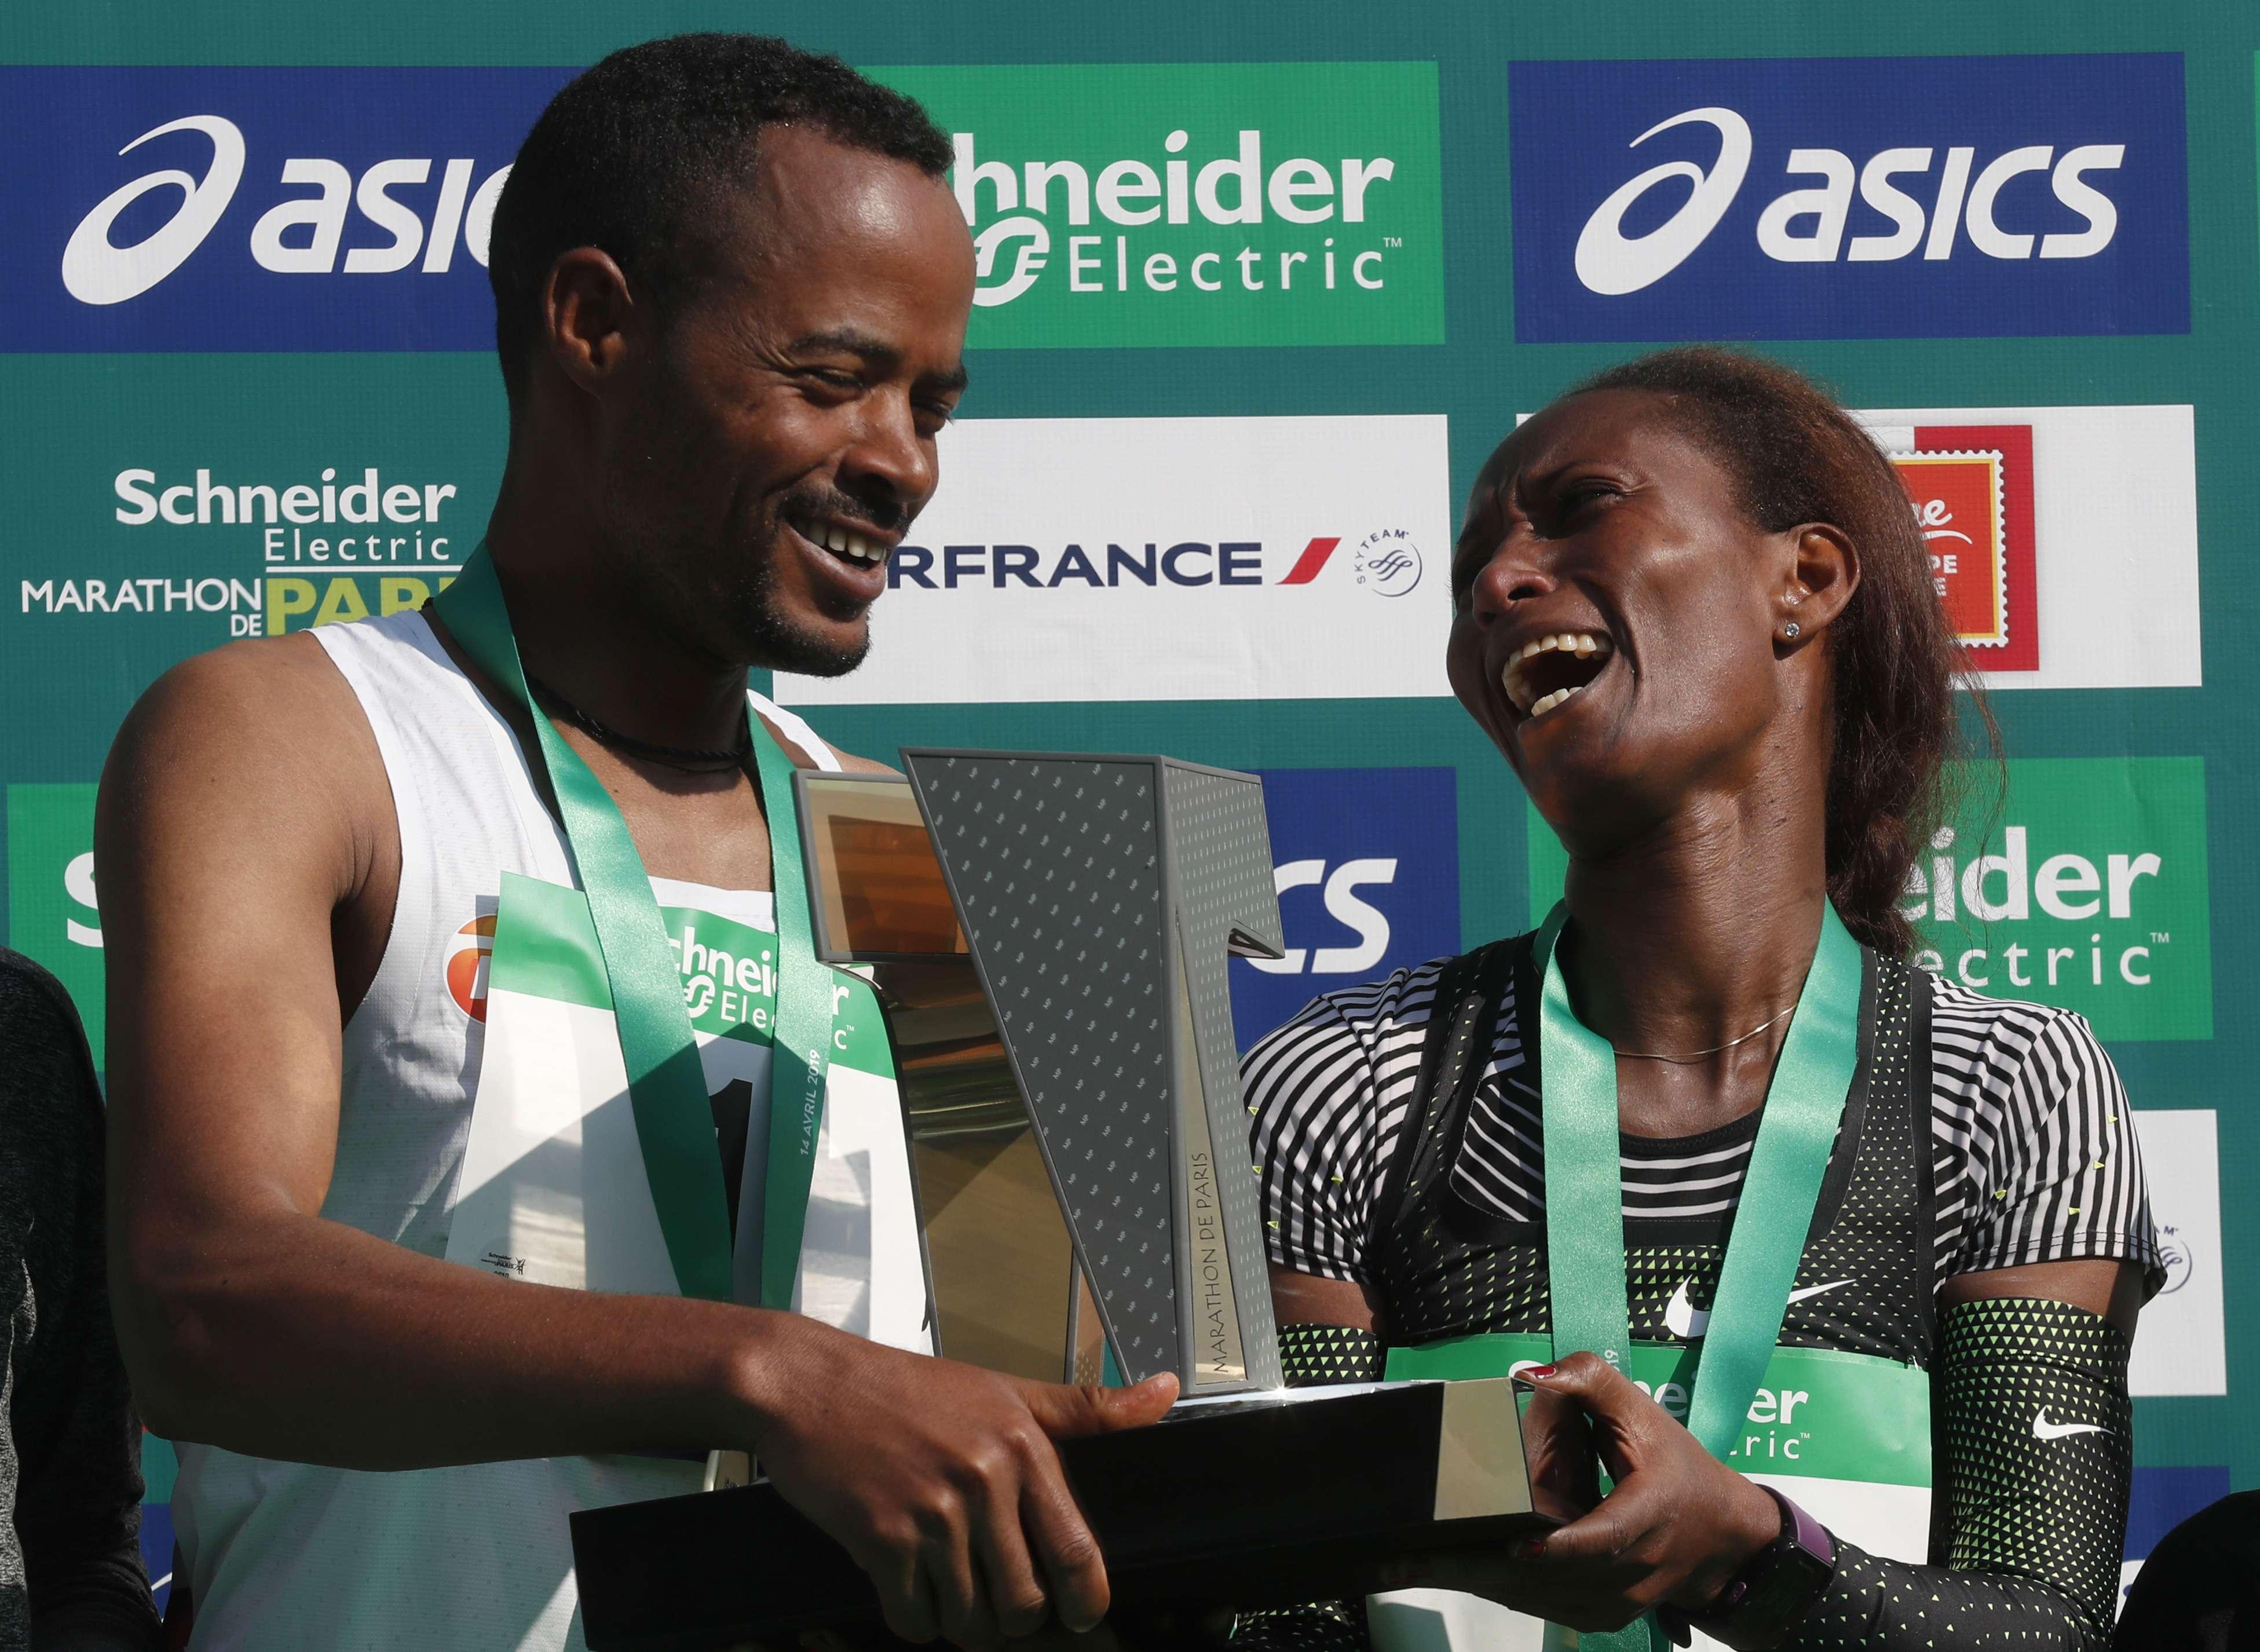 Etíopes arrasan en Maratón de París